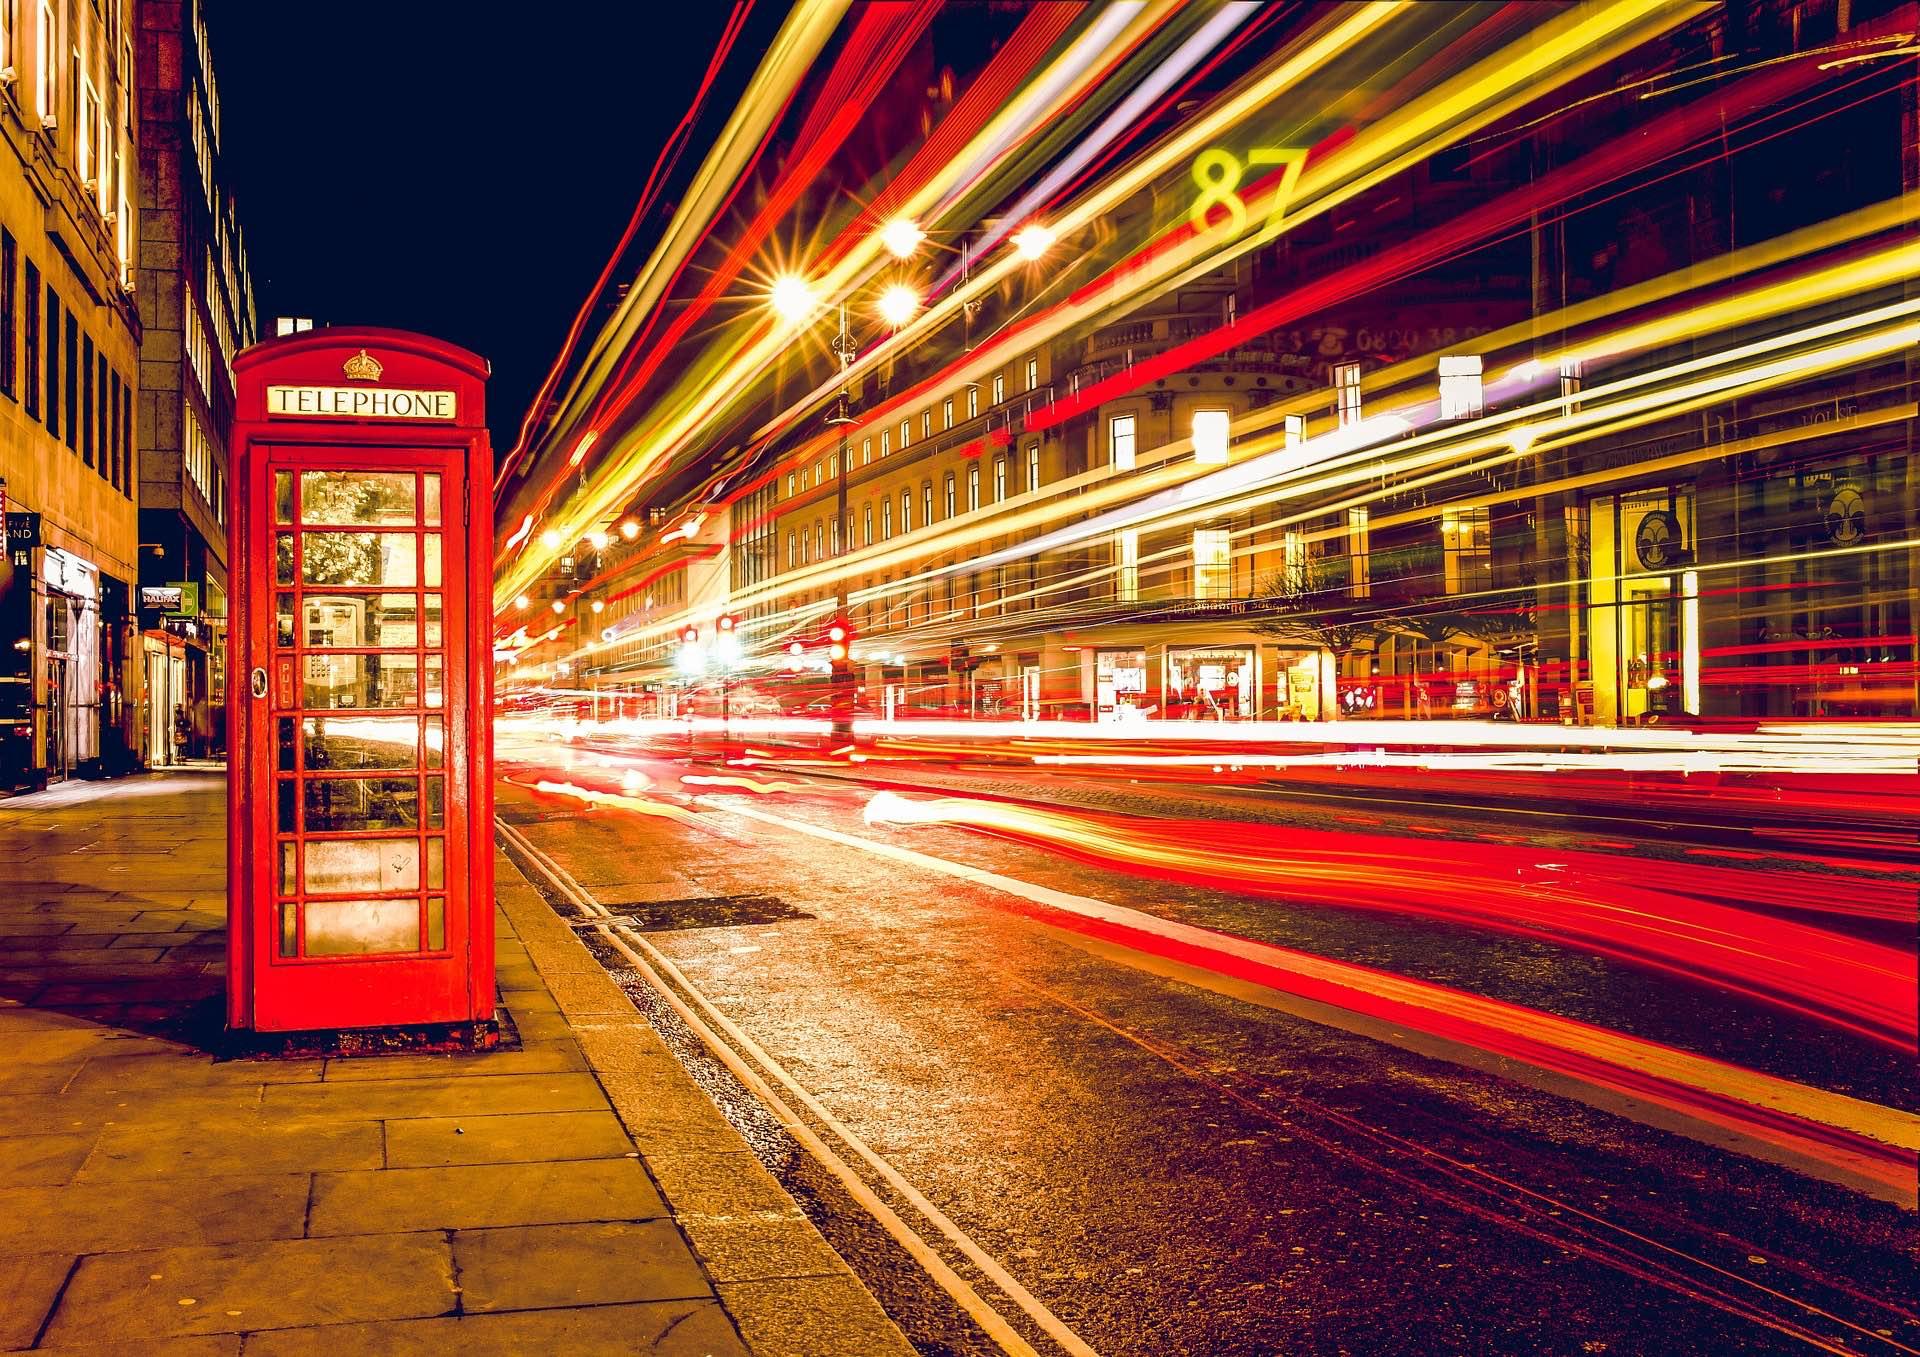 hedera bauwert: Londons neuer Wohntrend – auch für Berlin interessant?